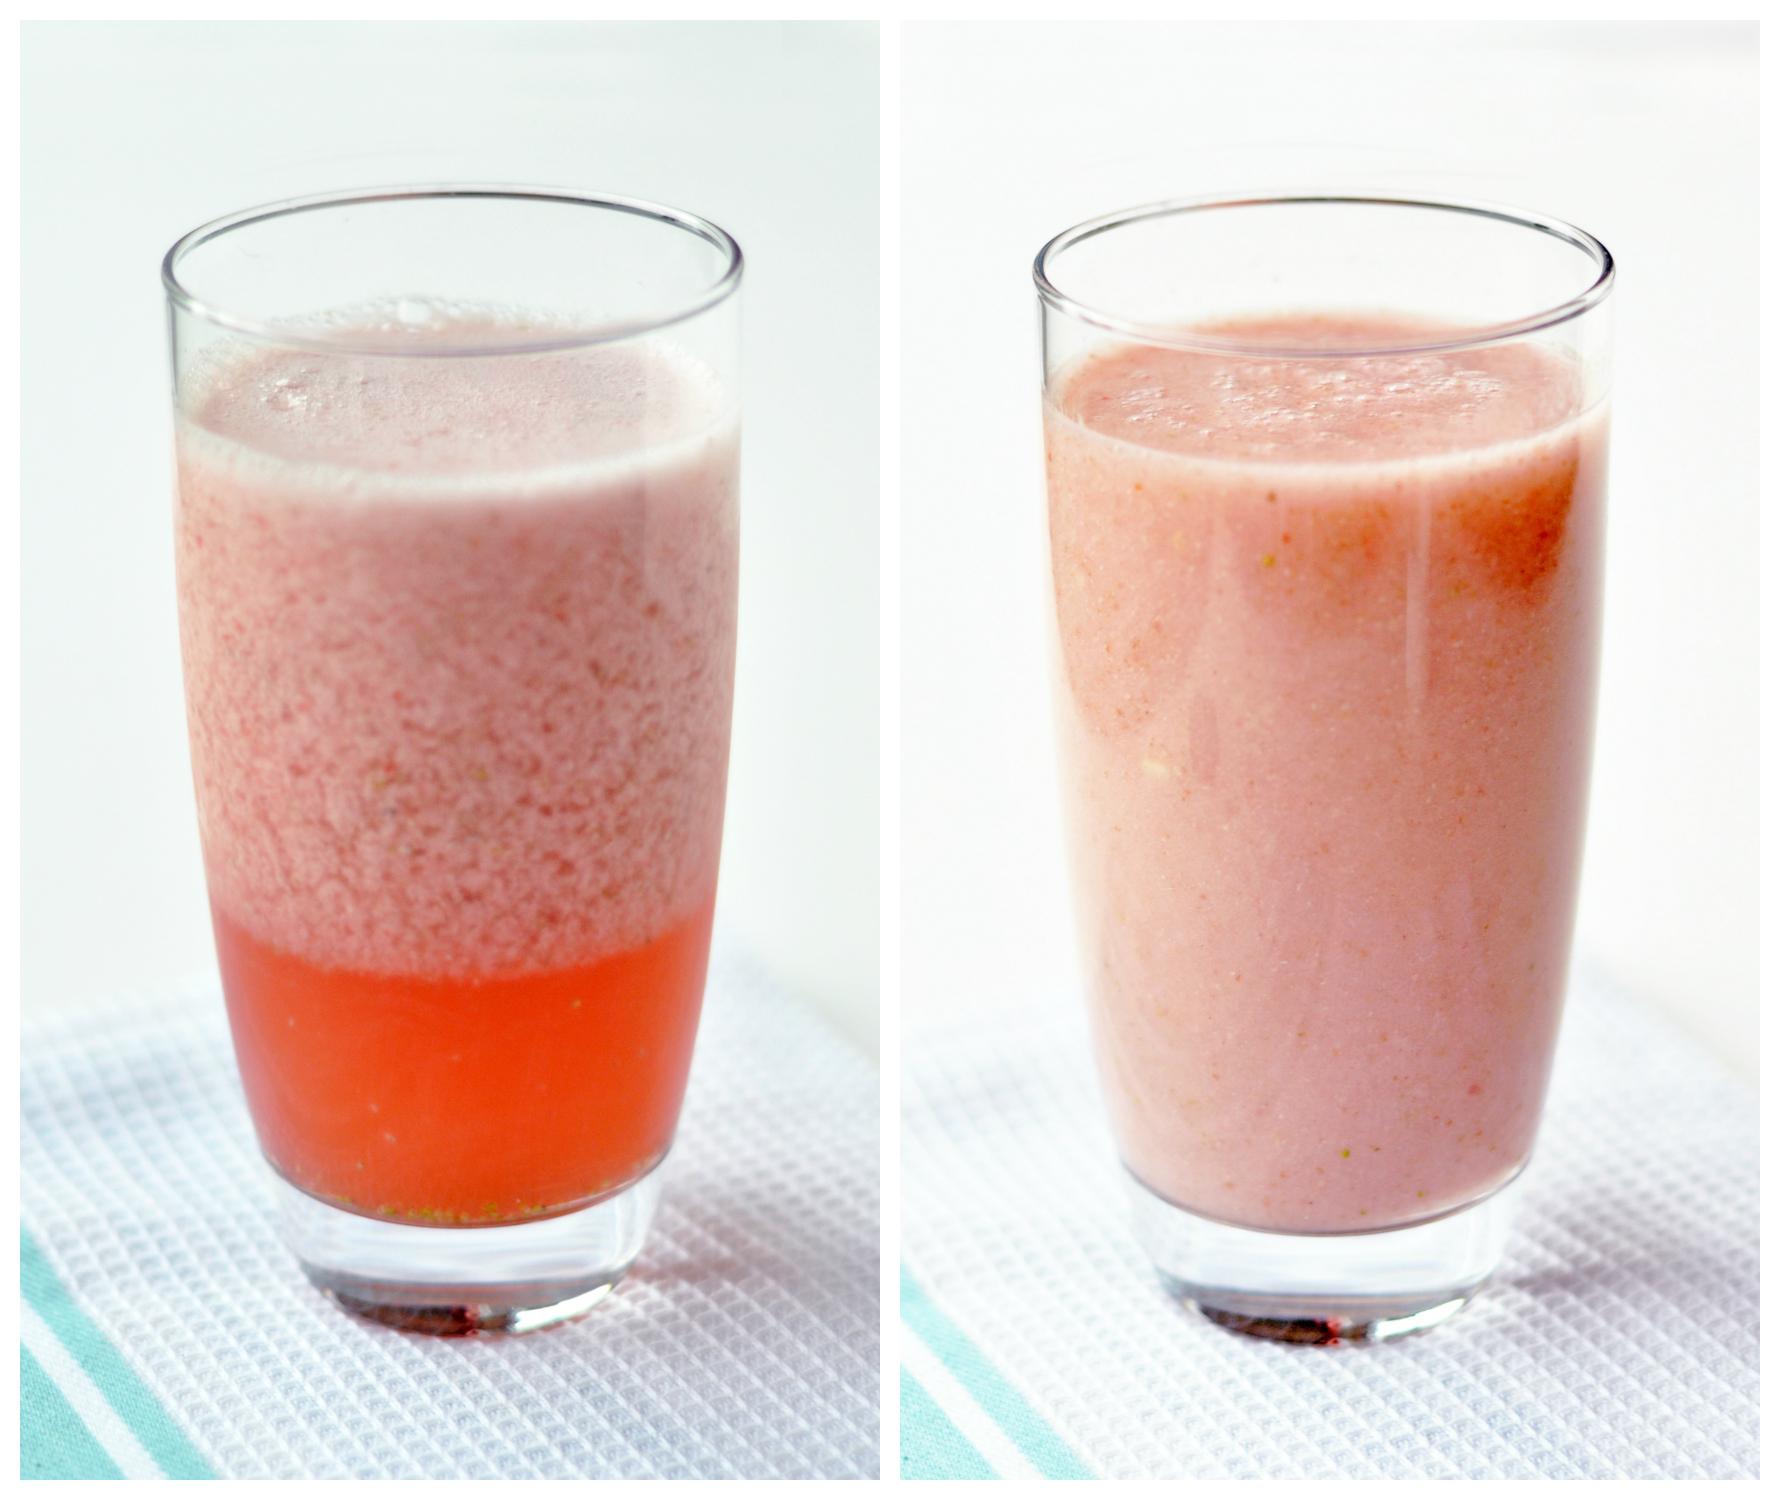 strawb coc compare.jpg